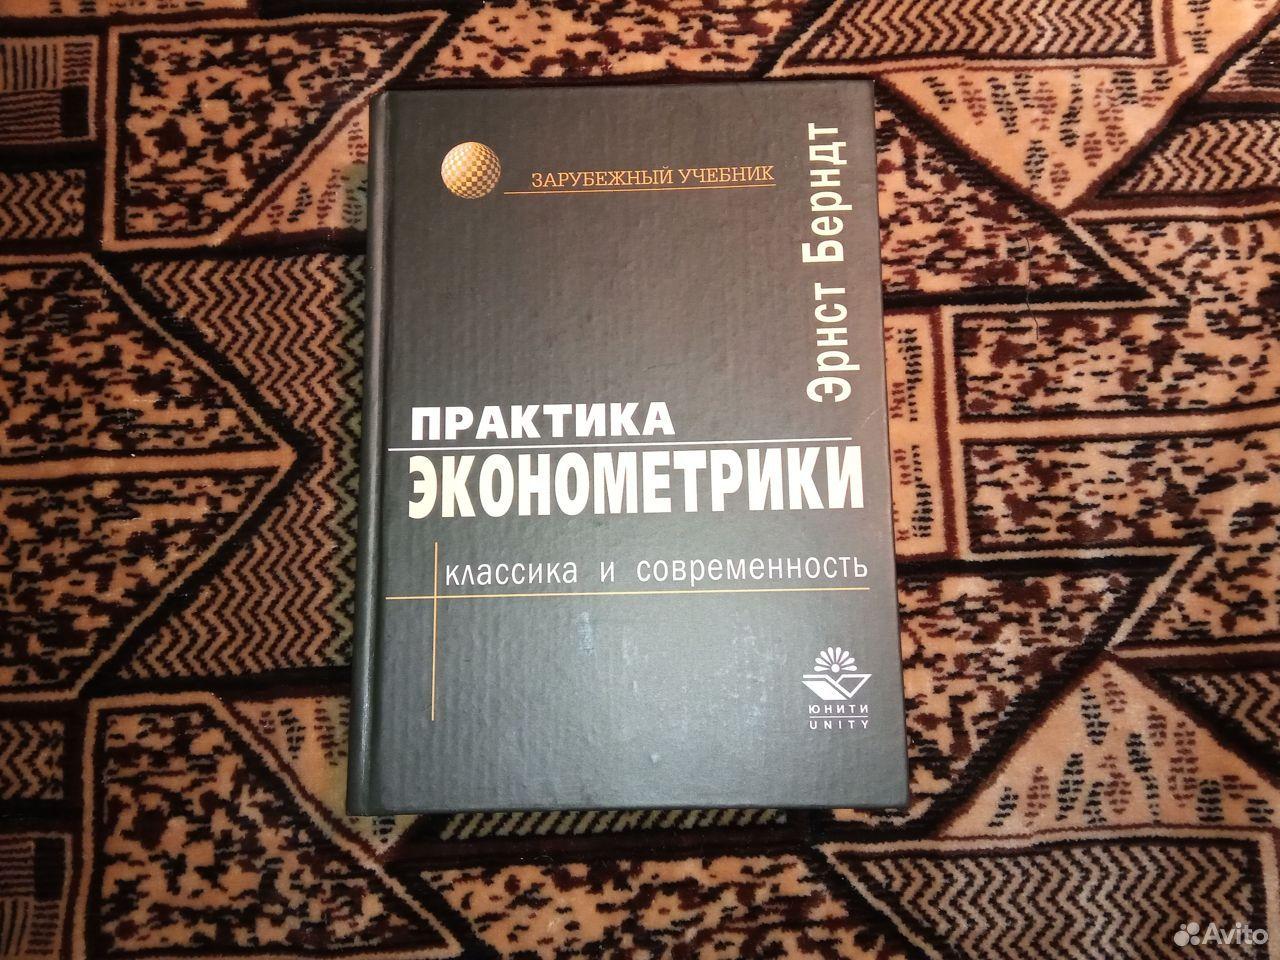 Книги по эконометрике и статистике